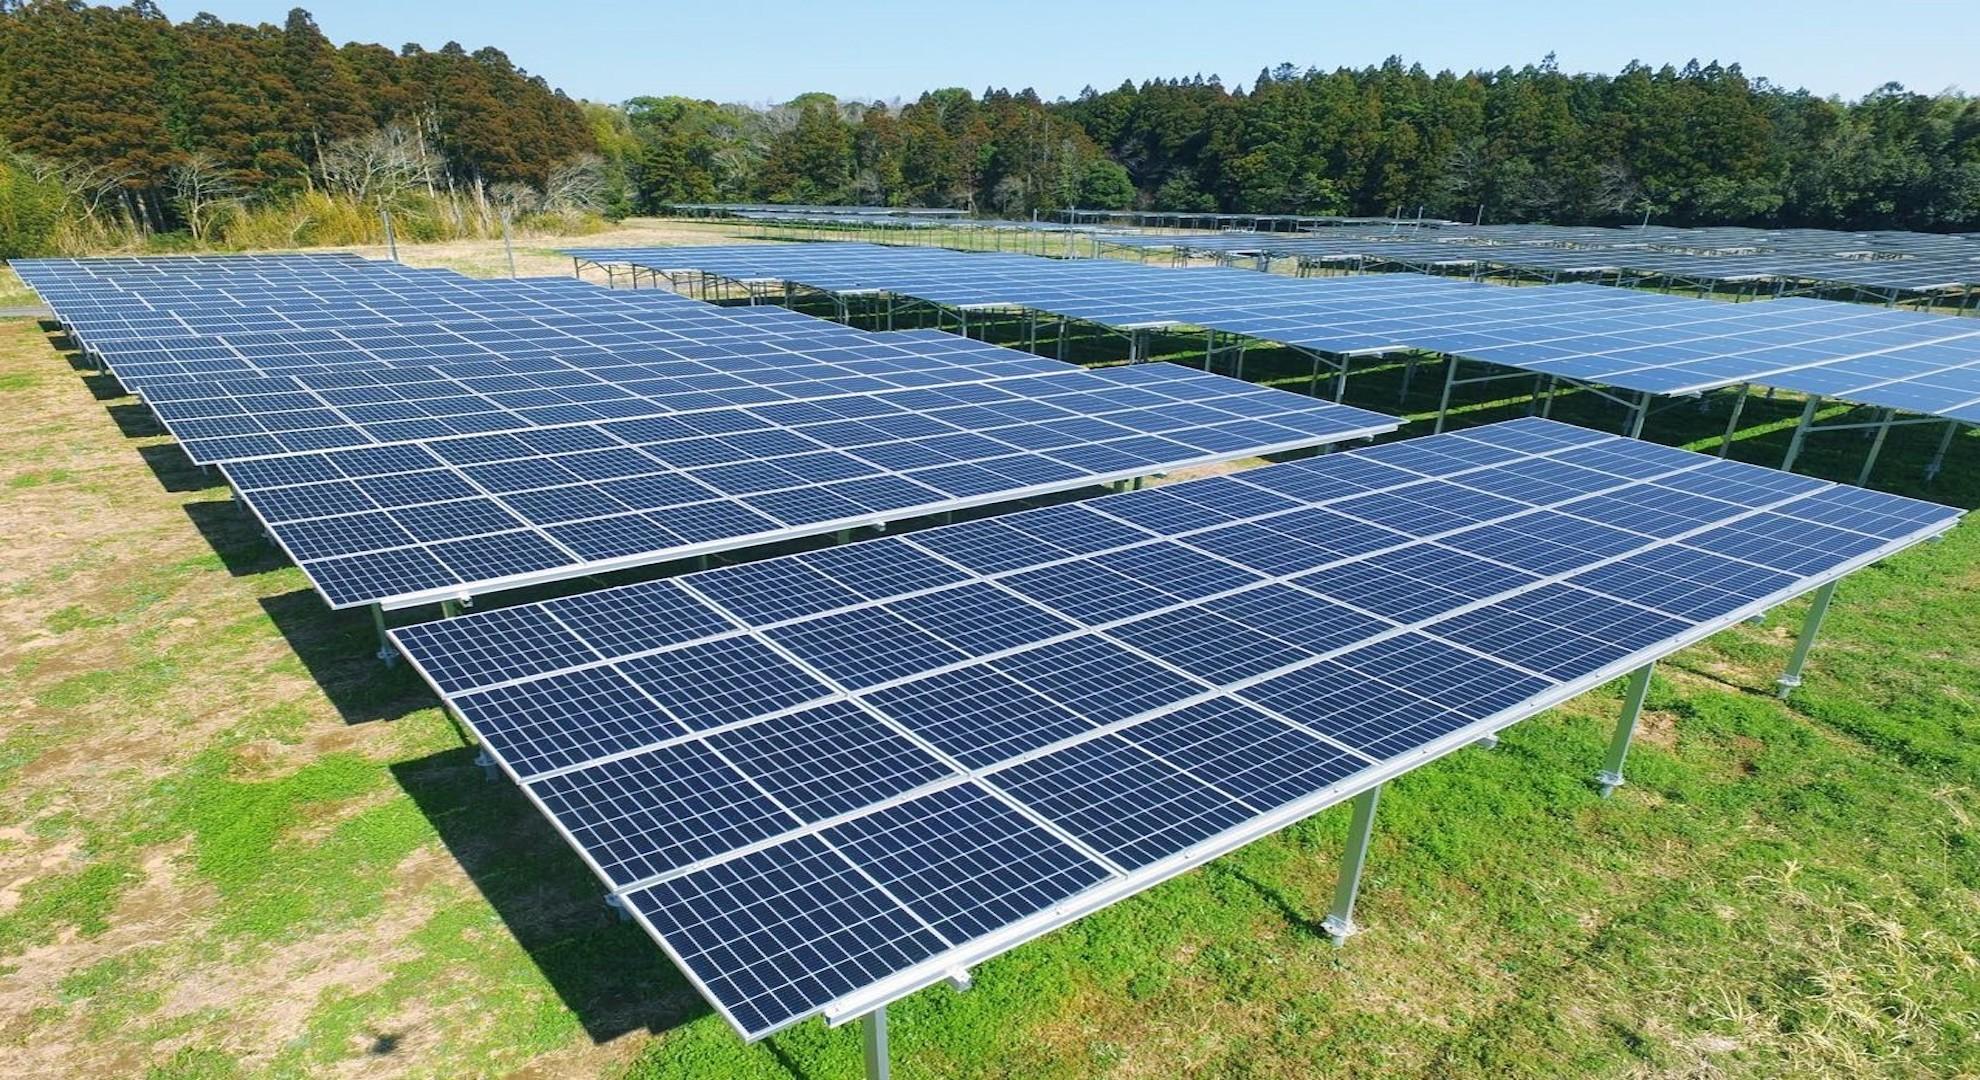 企業の再生可能エネルギー100%転換を支援する事業を開始しました